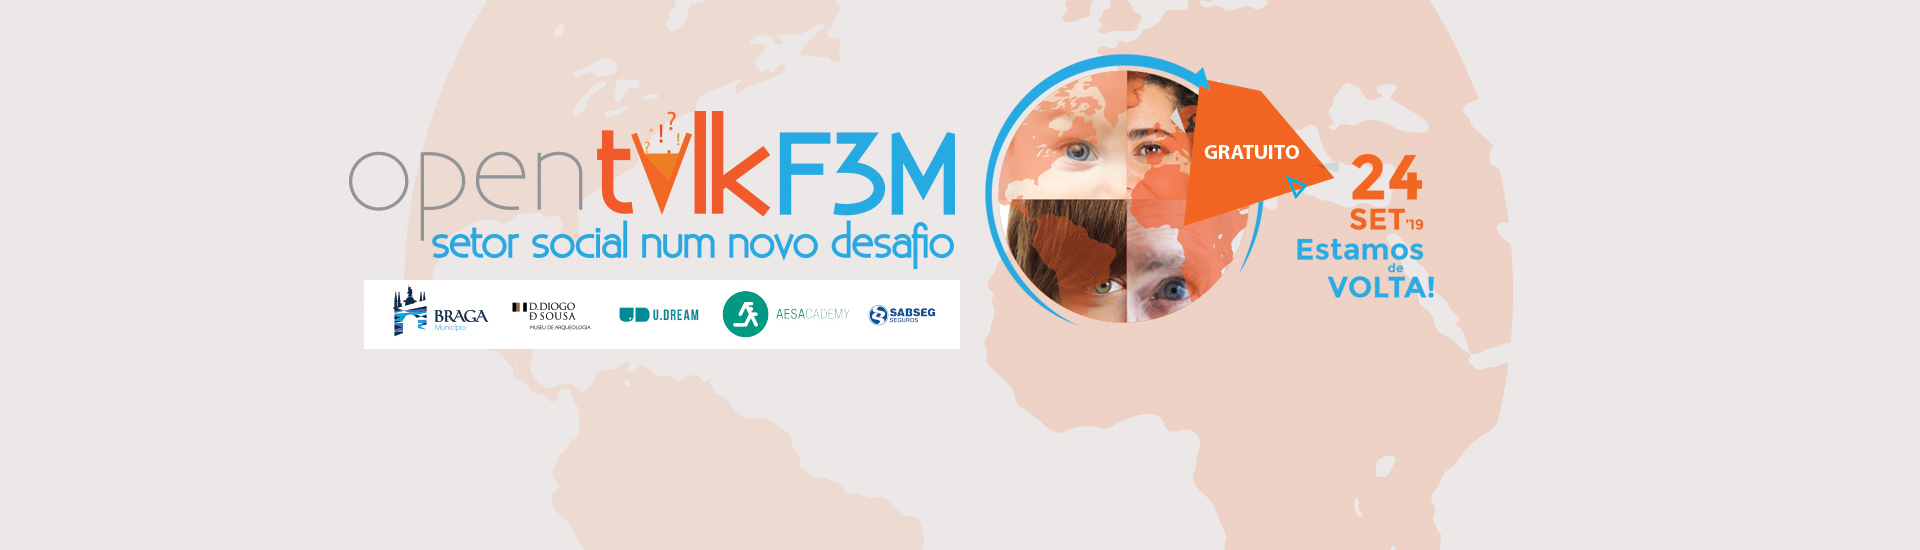 Sustentabilidade em destaque na 2ª edição do OpenTalk F3M